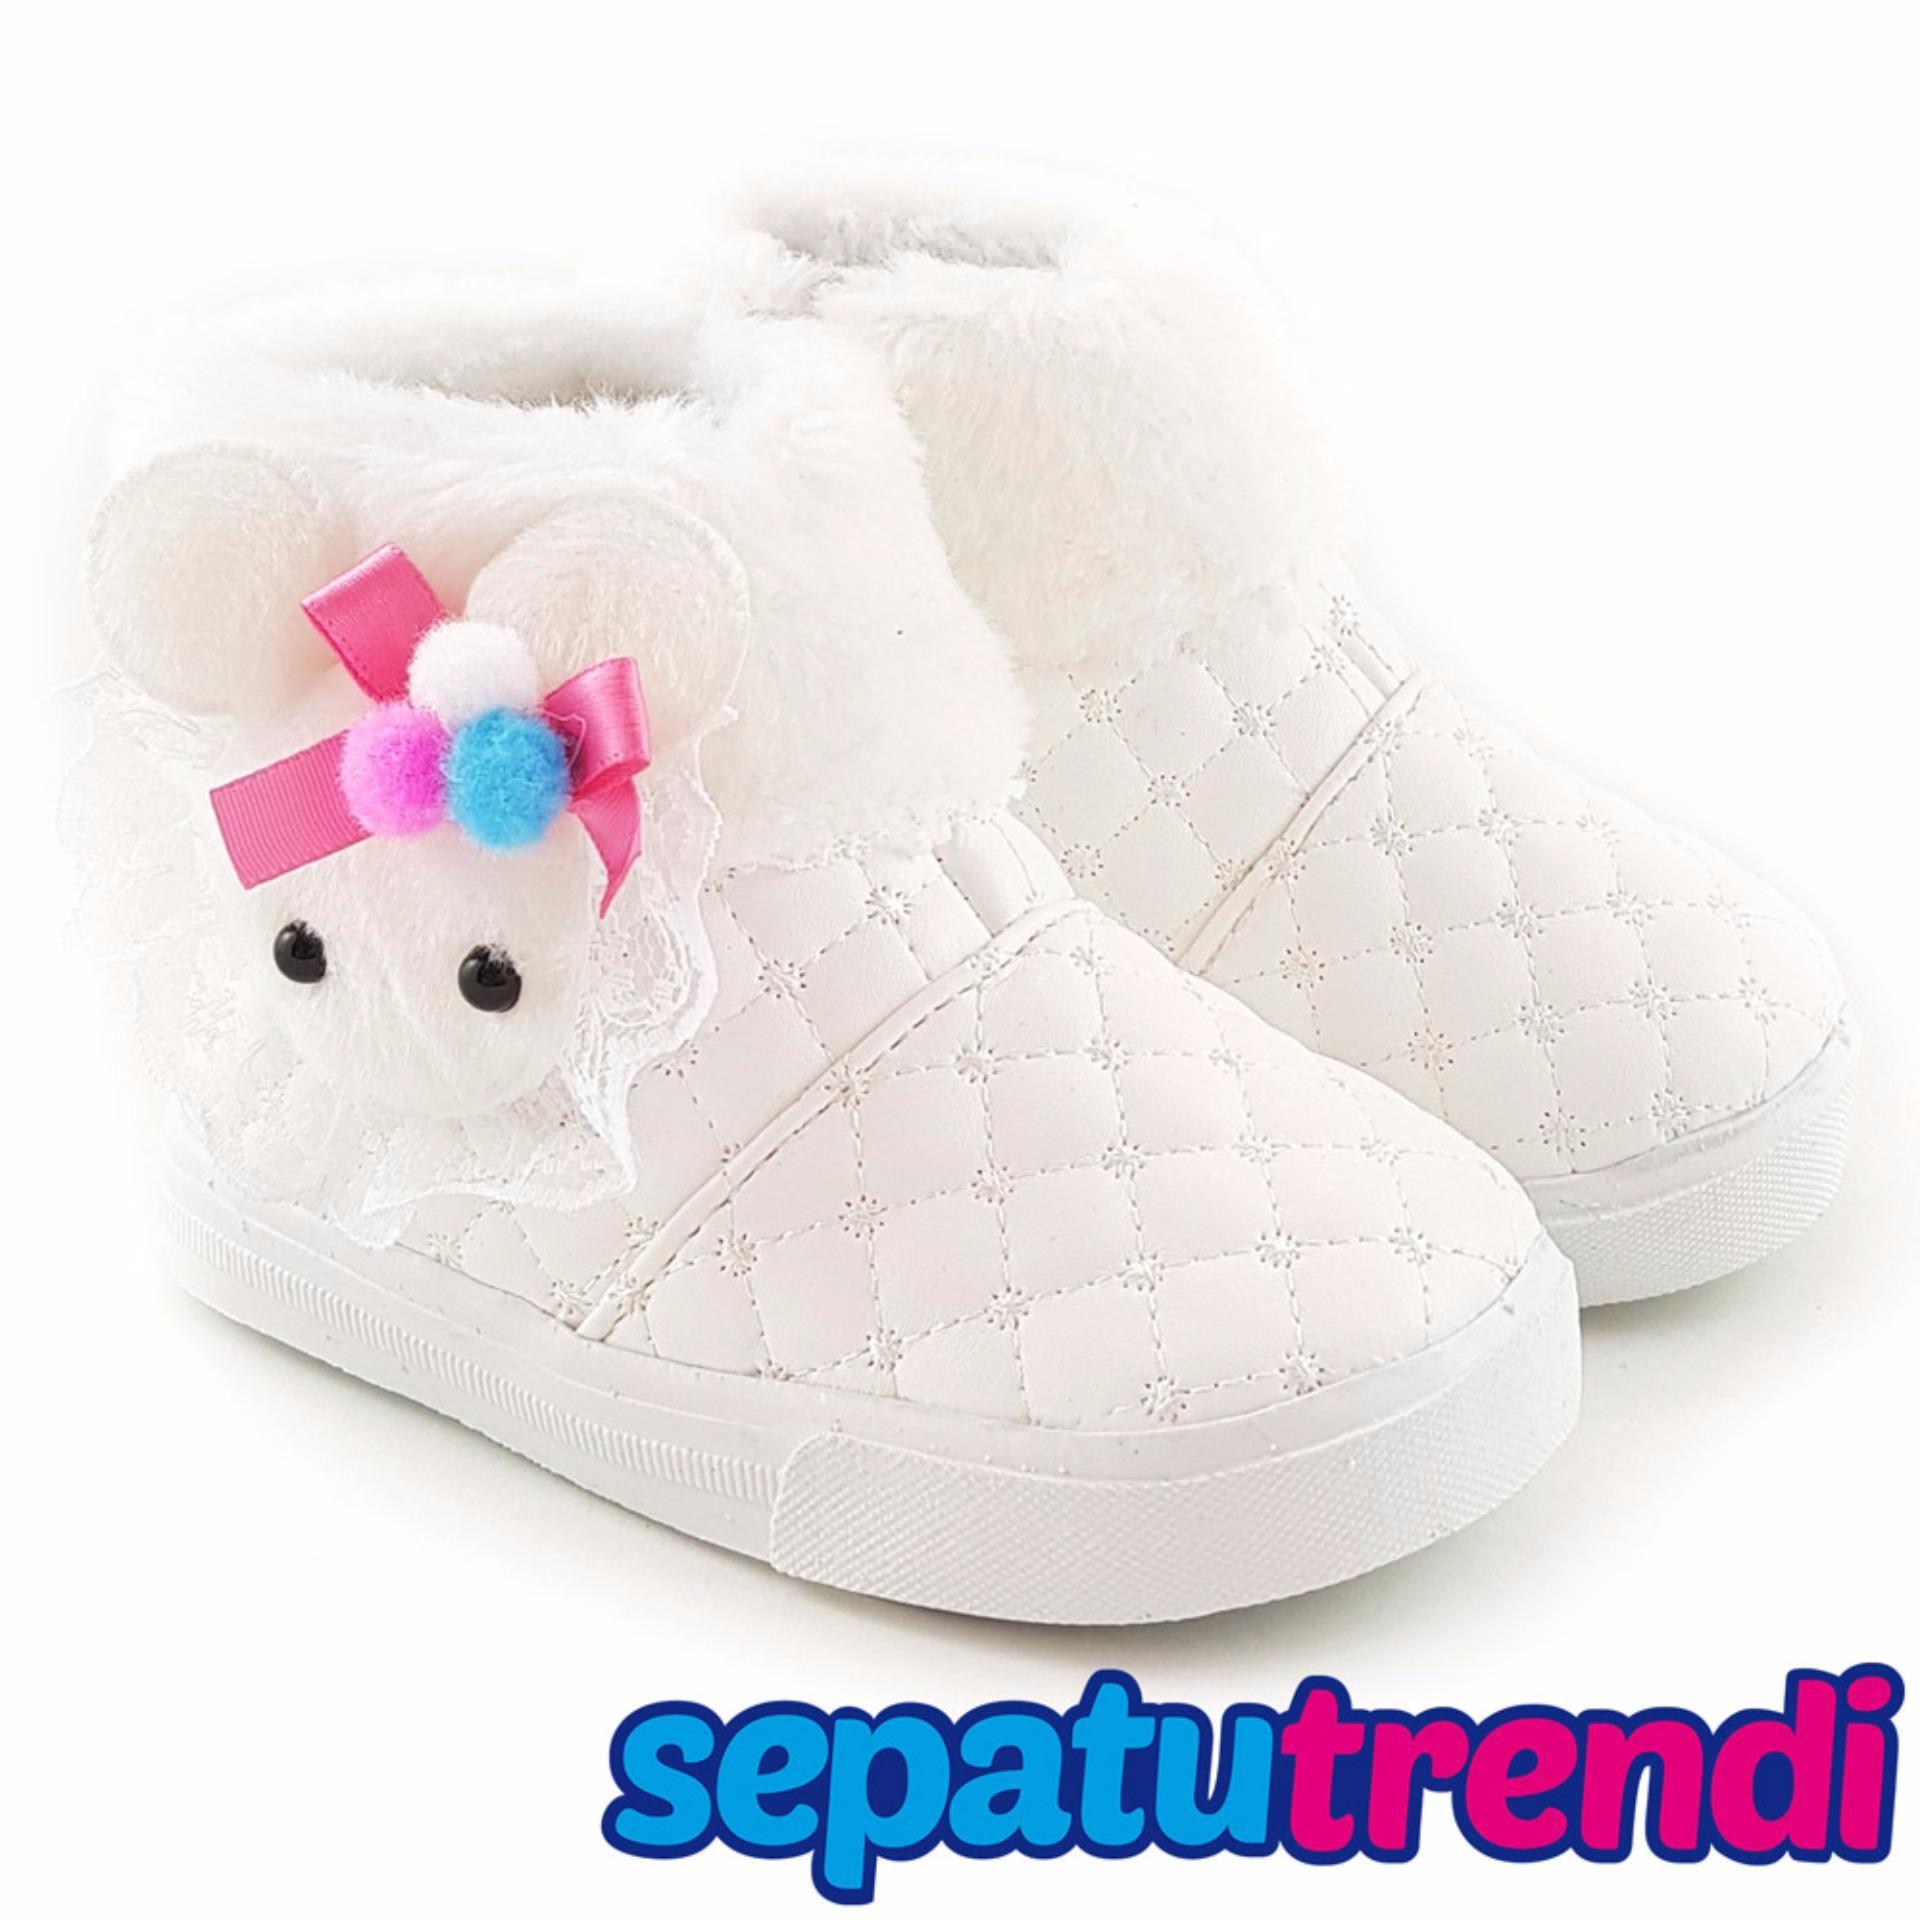 Jual Trendishoes Sepatu Boot Anak Perempuan Boneka Bulu Blbnk White Antik